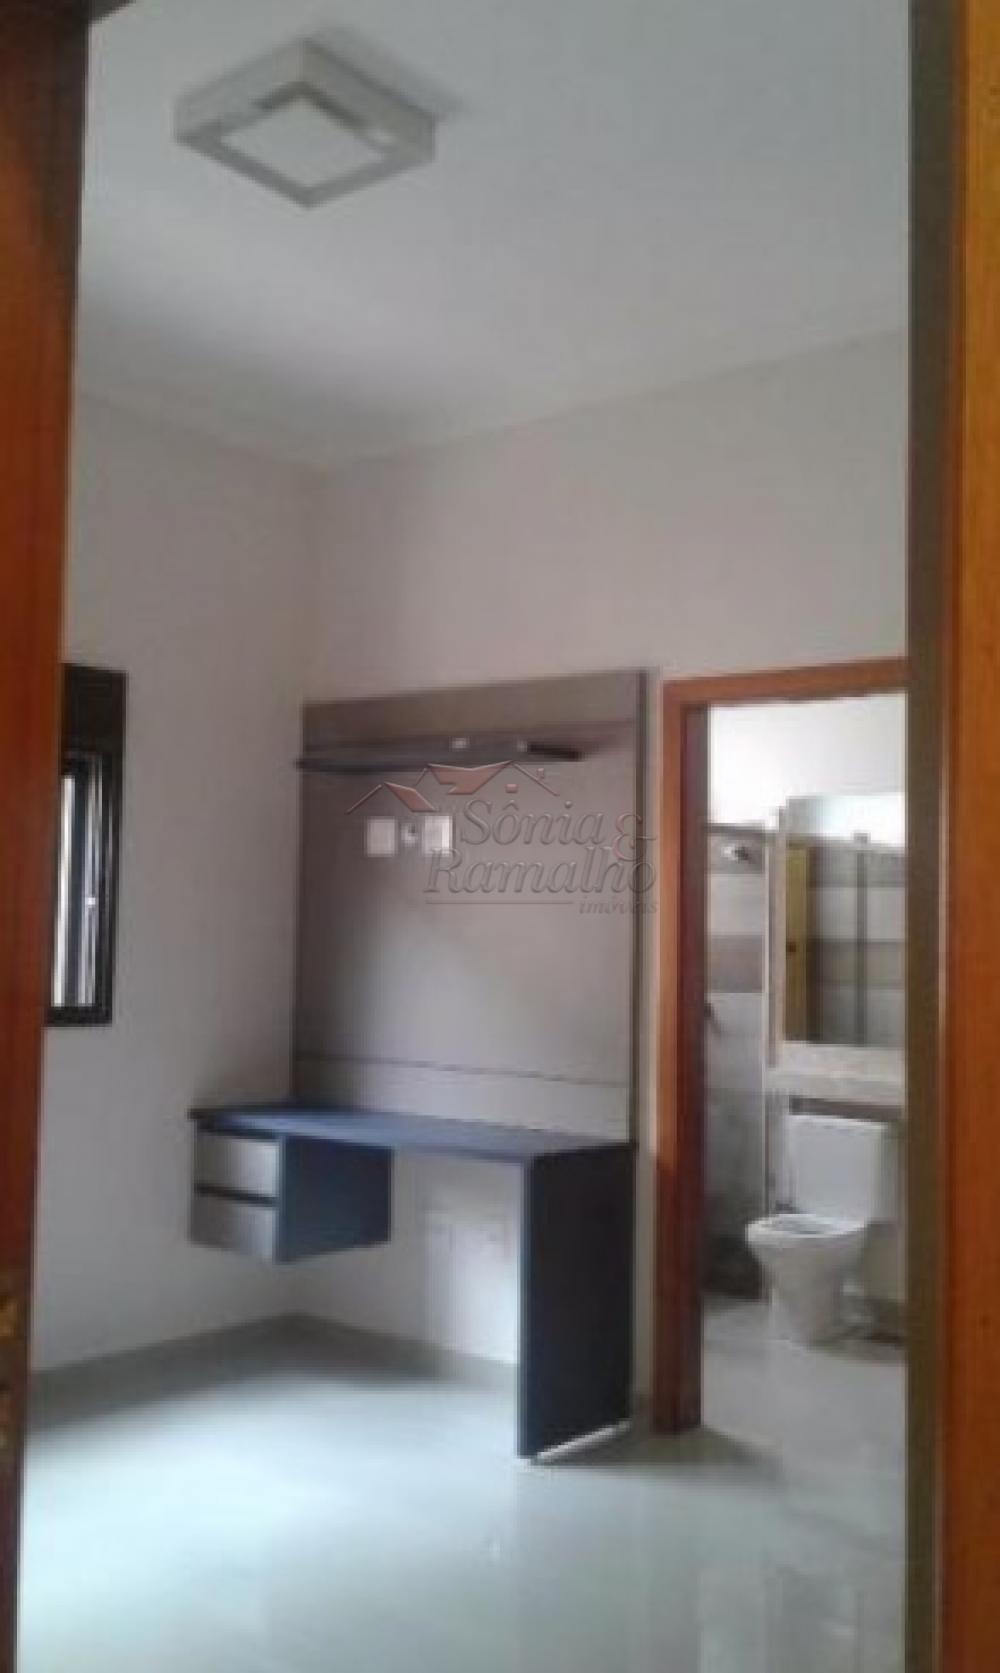 Comprar Casas / Condomínio em Ribeirão Preto apenas R$ 1.150.000,00 - Foto 12